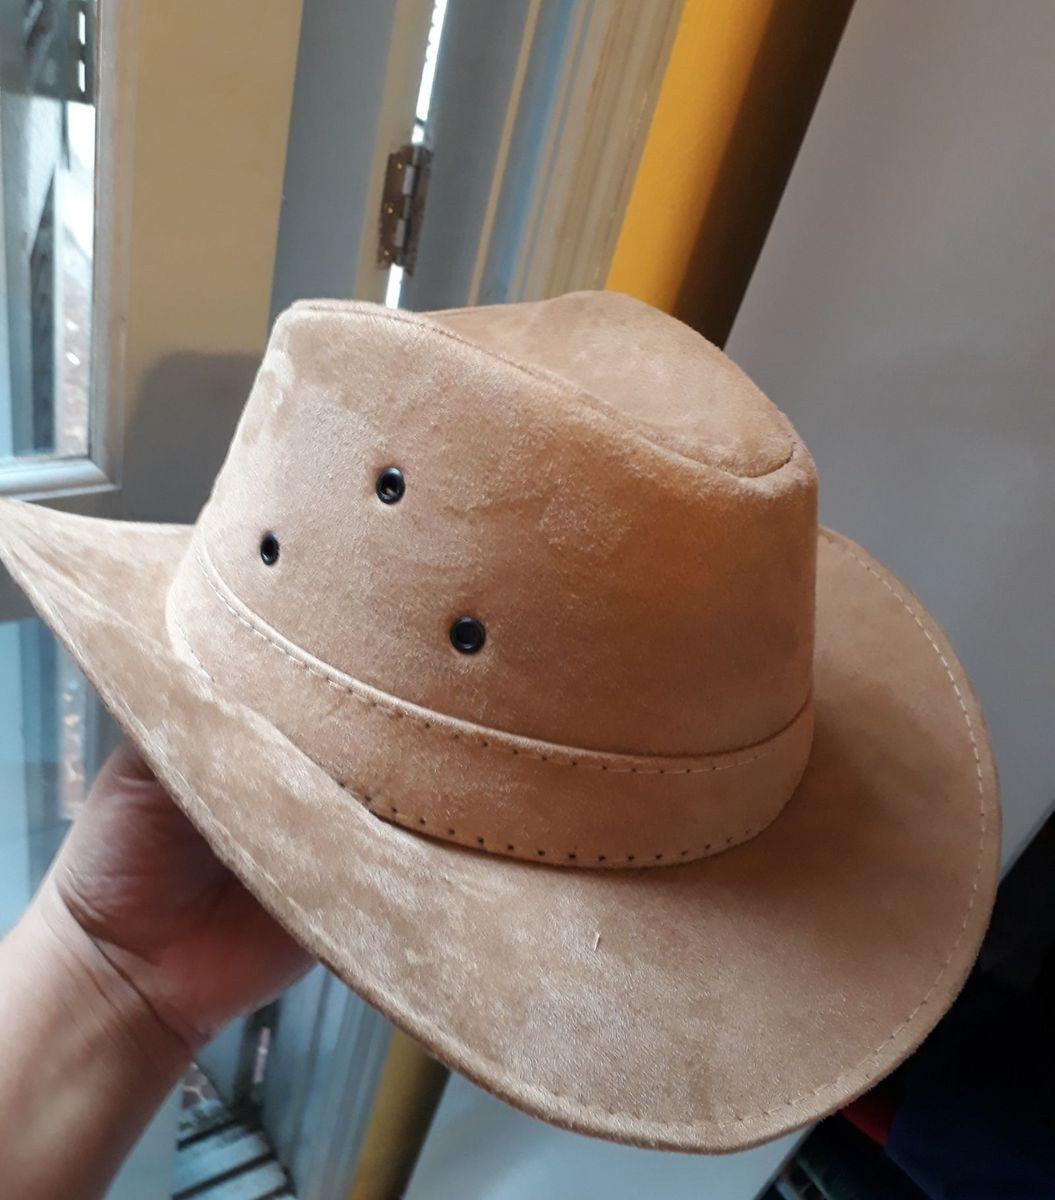 30c4d1a3f4f99 chapéu de caubói - chapeu 2d chapéus e bonés.  Czm6ly9wag90b3muzw5qb2vplmnvbs5ici9wcm9kdwn0cy85ode1mzi4lzmzzgjiotninze0nwfmntjmztfiodg4zgq1otjhzjizlmpwzw  ...